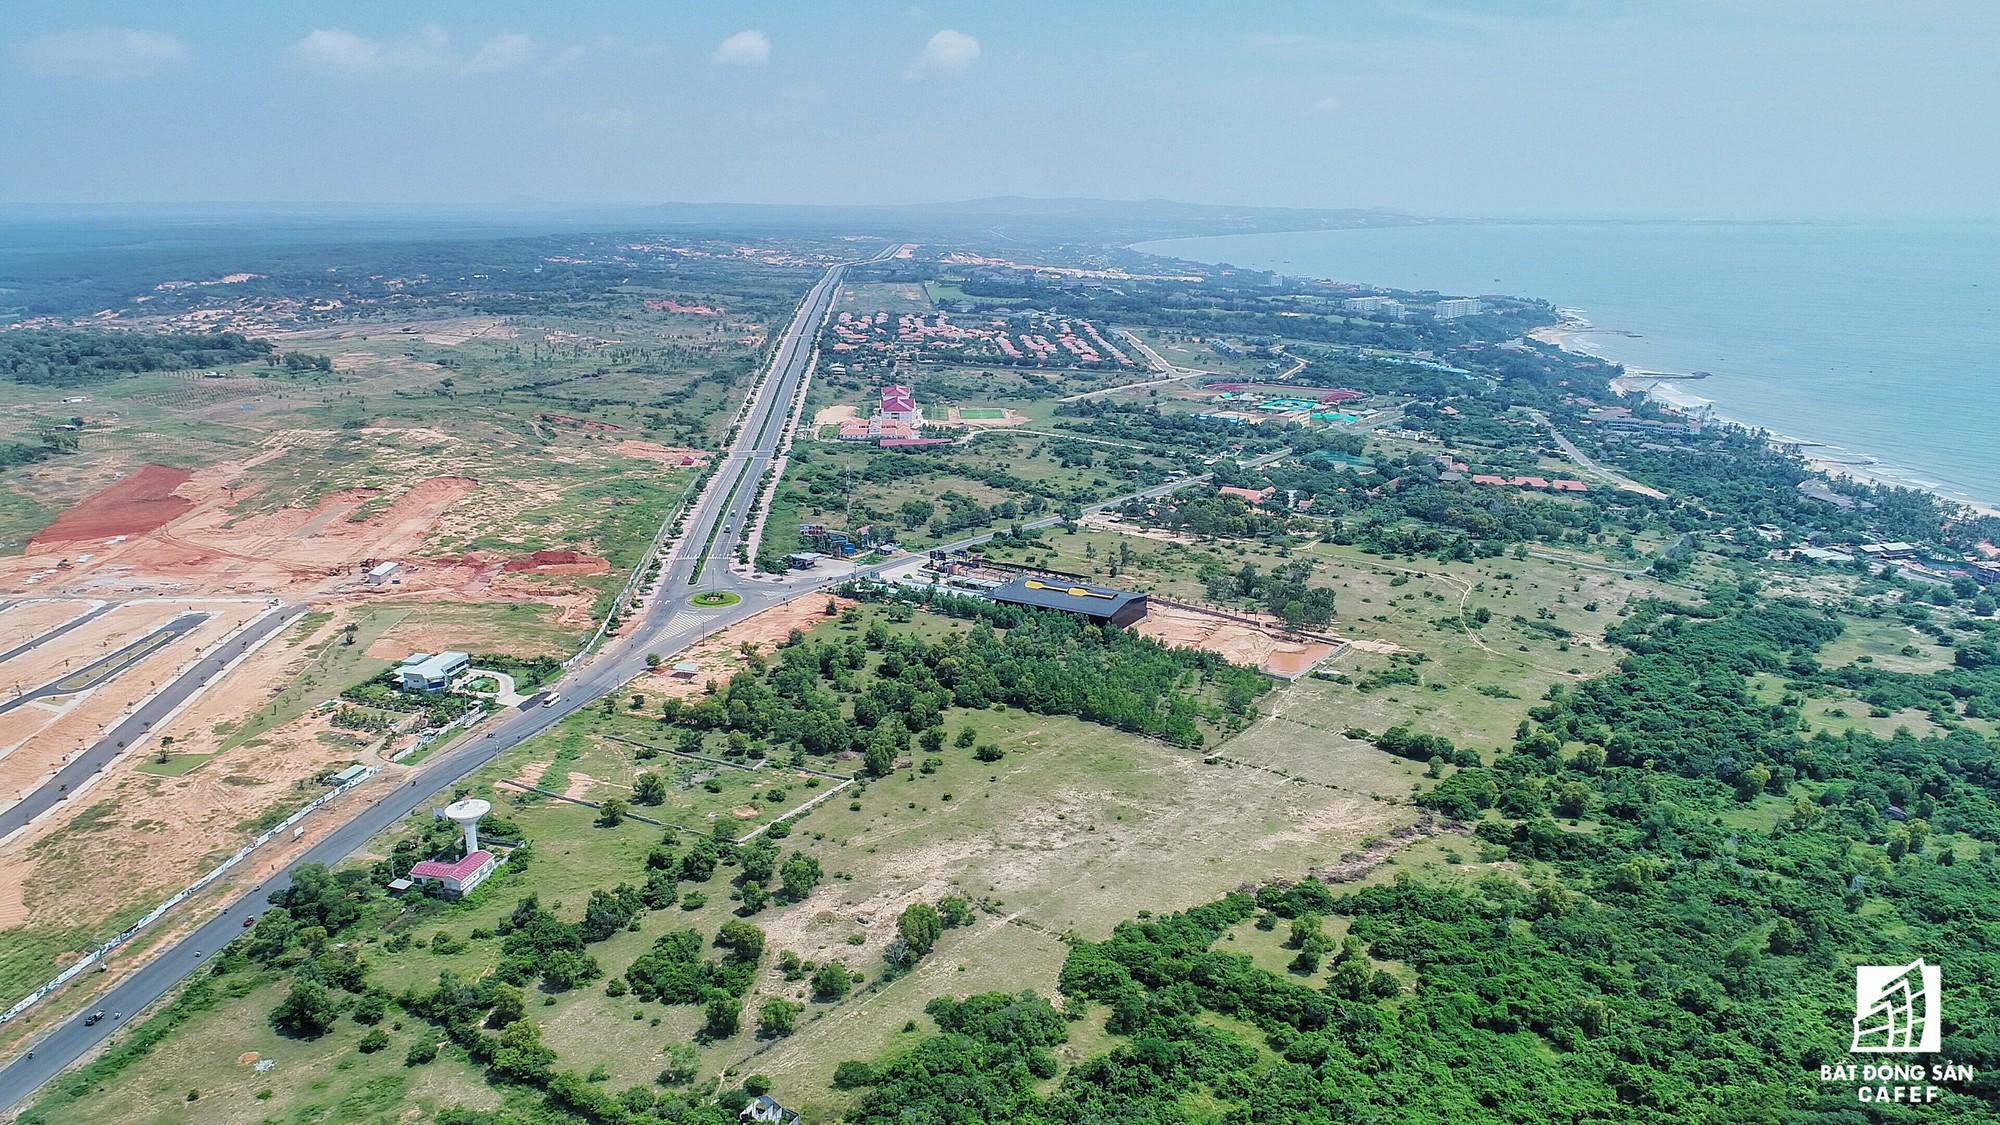 Quy hoạch thành khu du lịch quốc gia, dải ven biển này đang đón dòng vốn hàng tỷ USD, giá đất tăng chóng mặt - Ảnh 3.